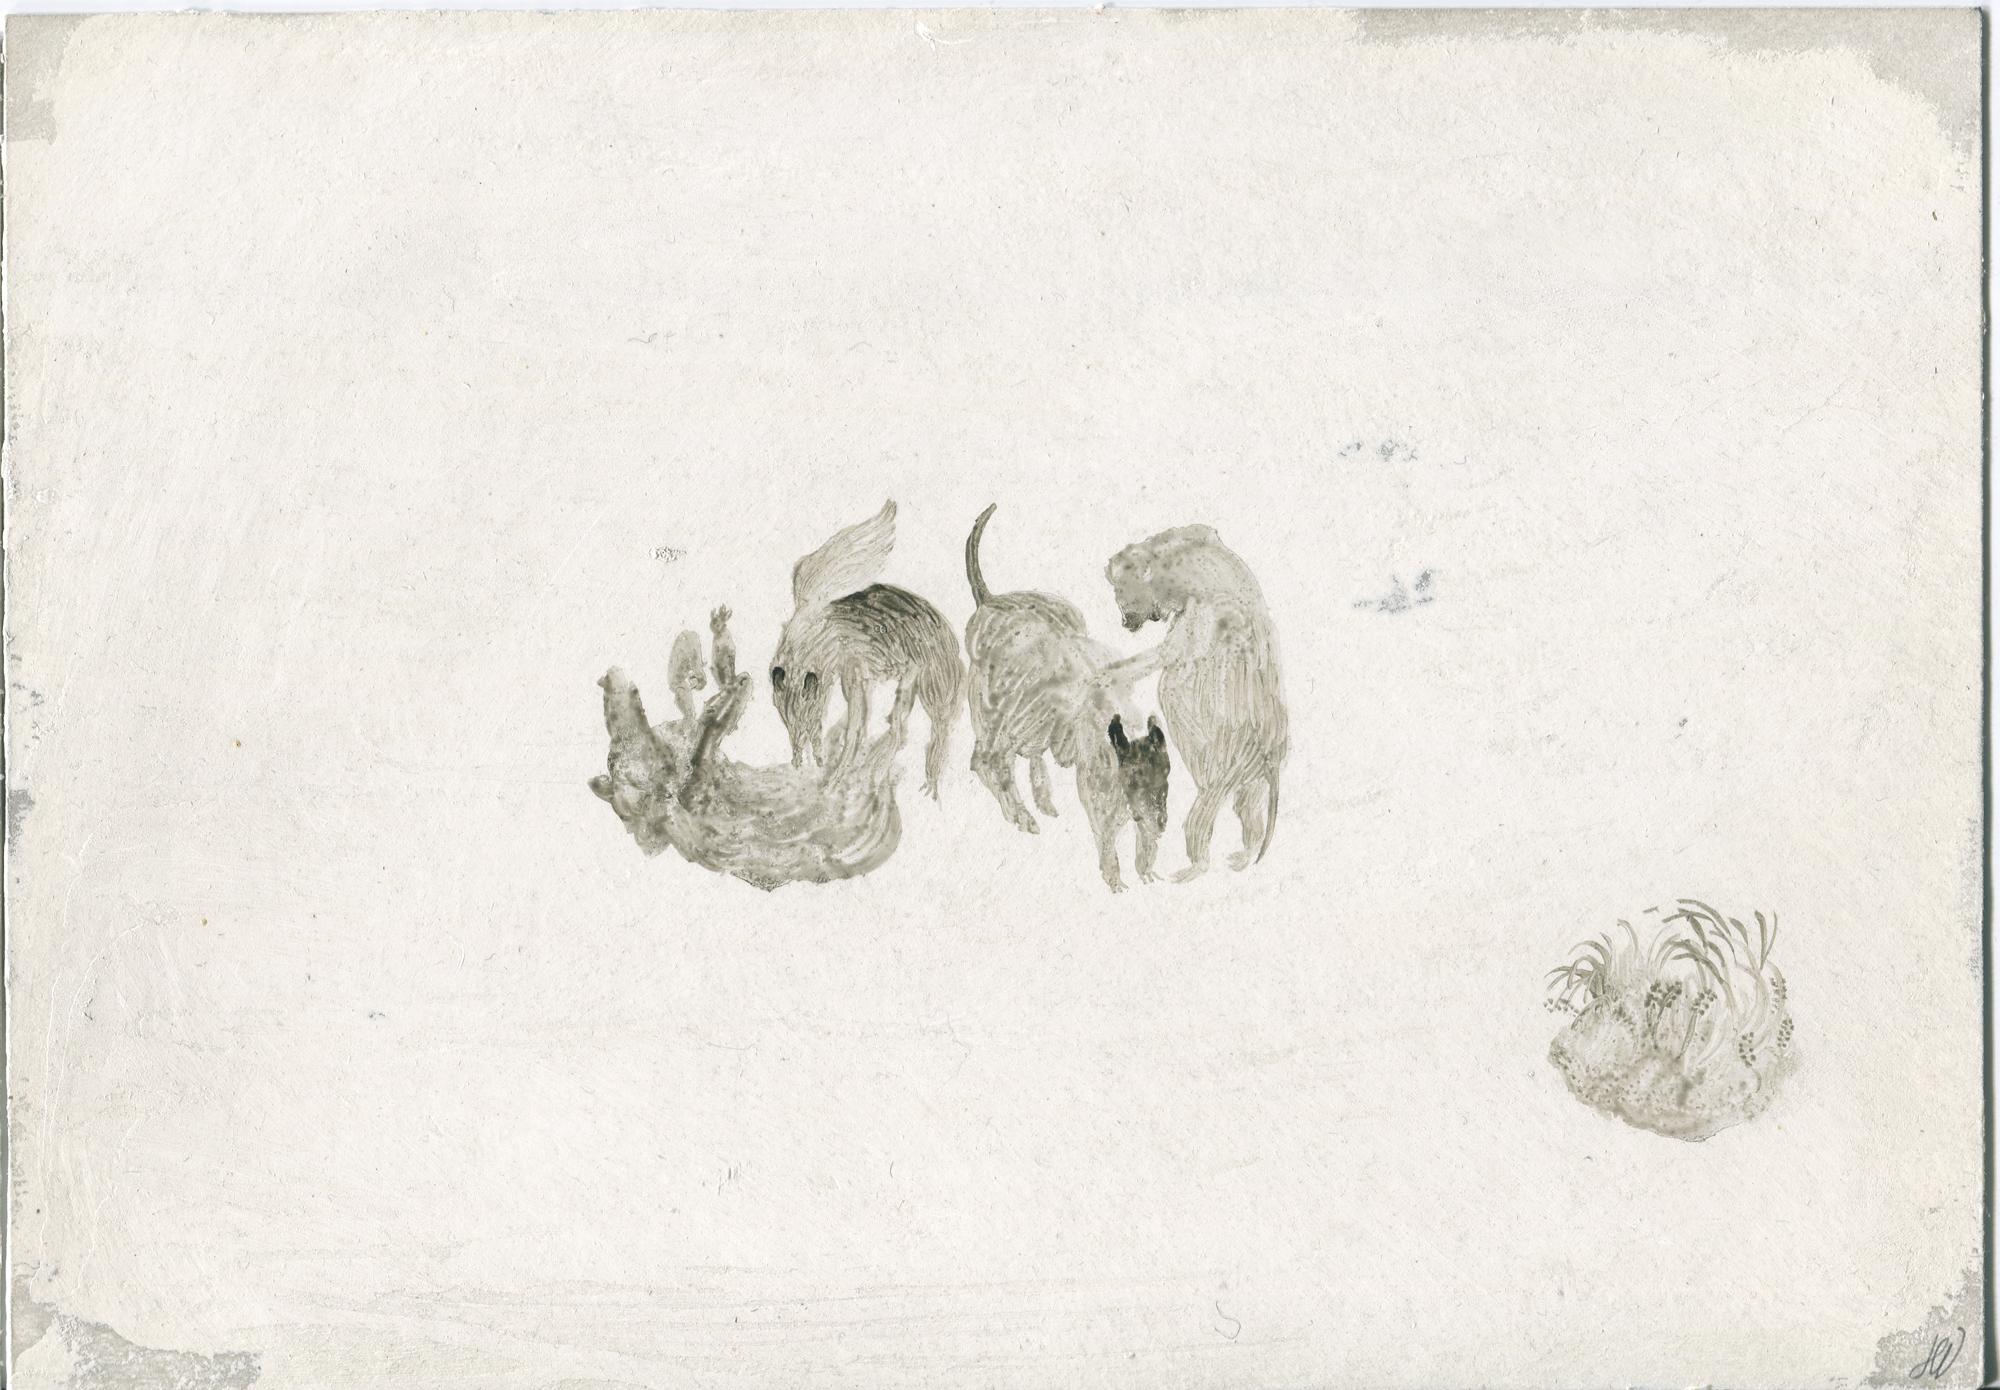 La fonte des neiges - Série : dans le cœur, l'hiver-hélène duclos